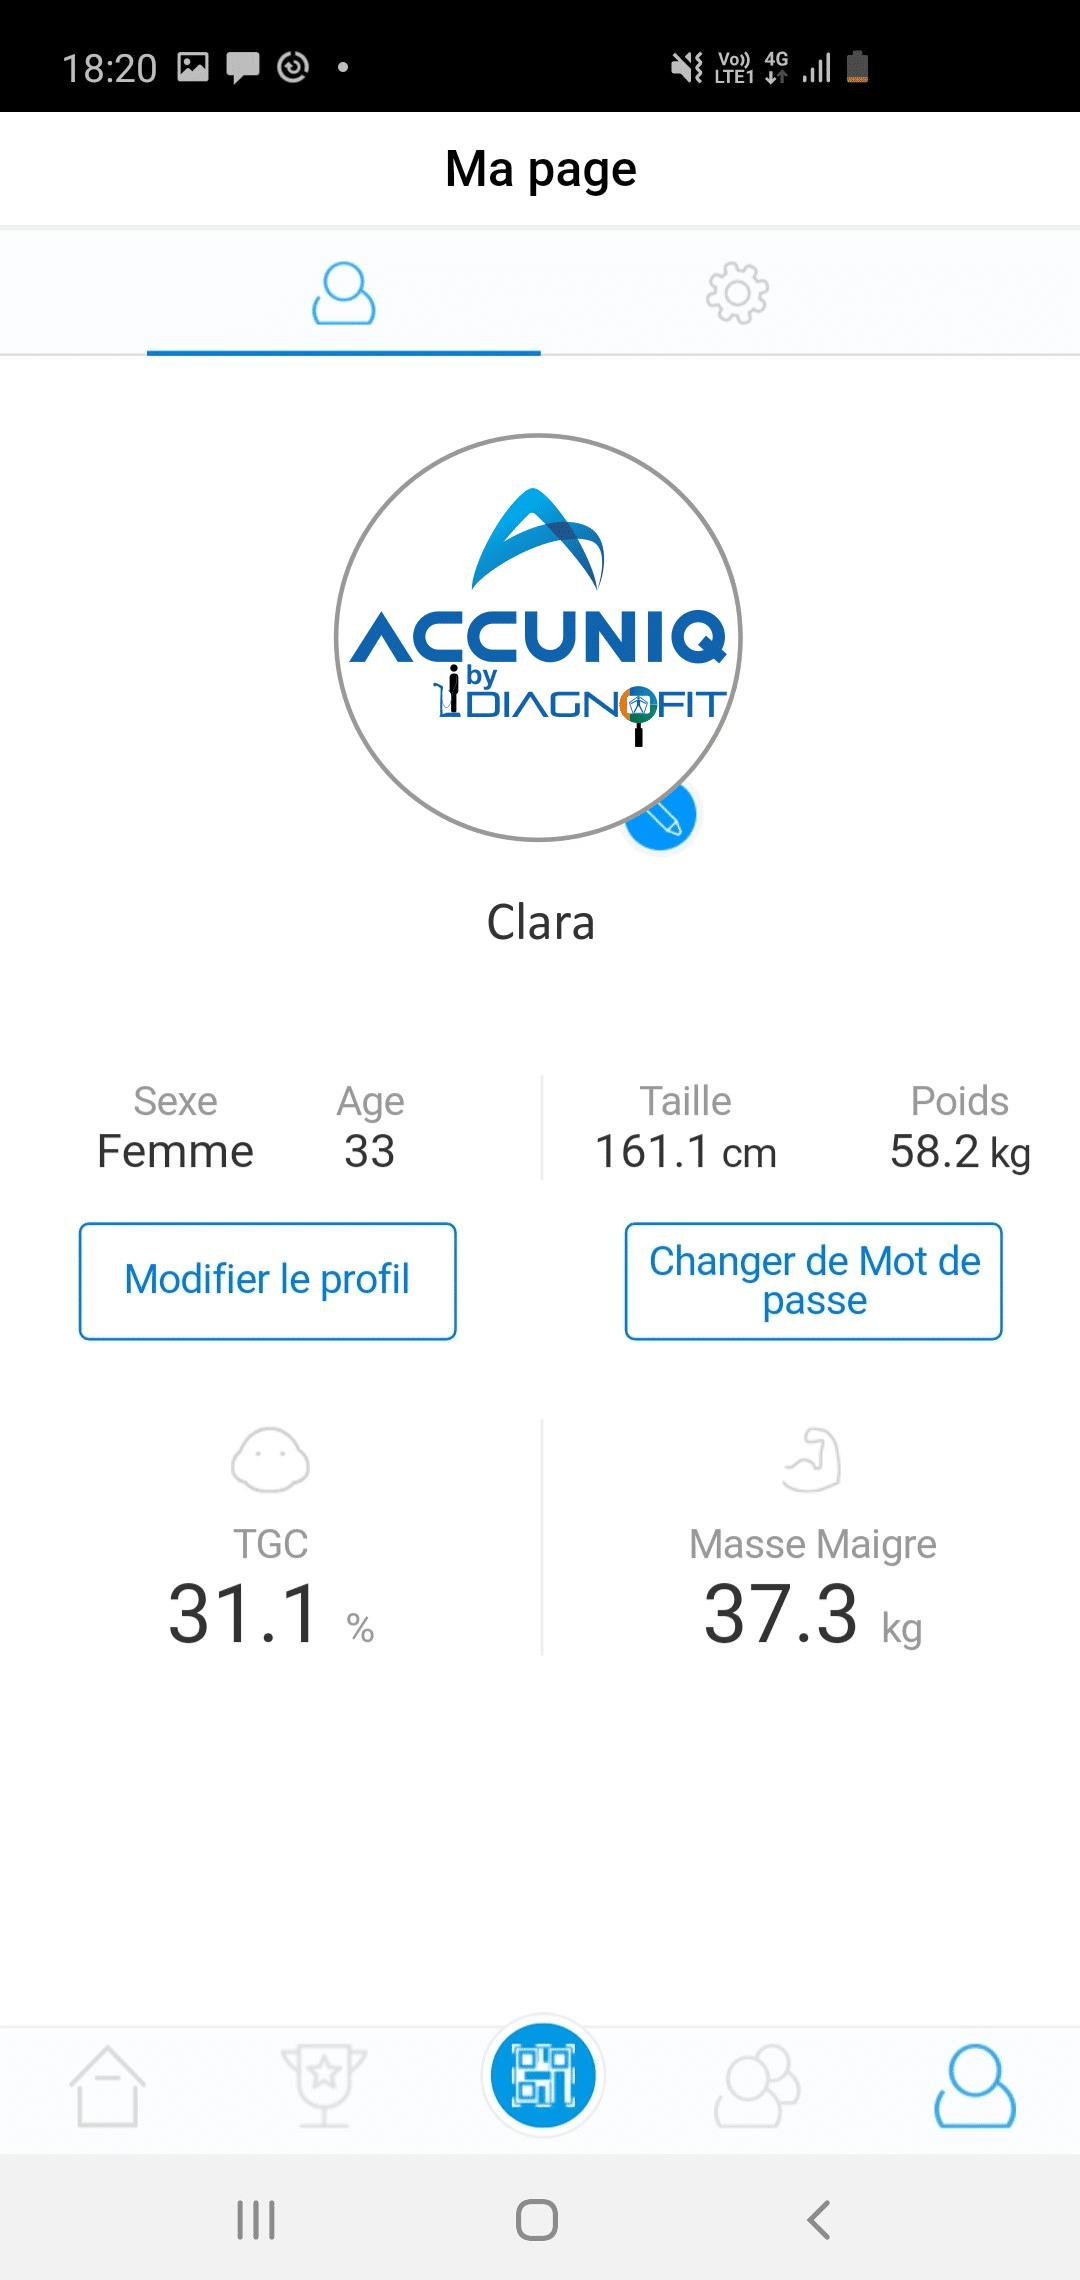 écran de l'application ACCUNIQ montrant le profil utilisateur